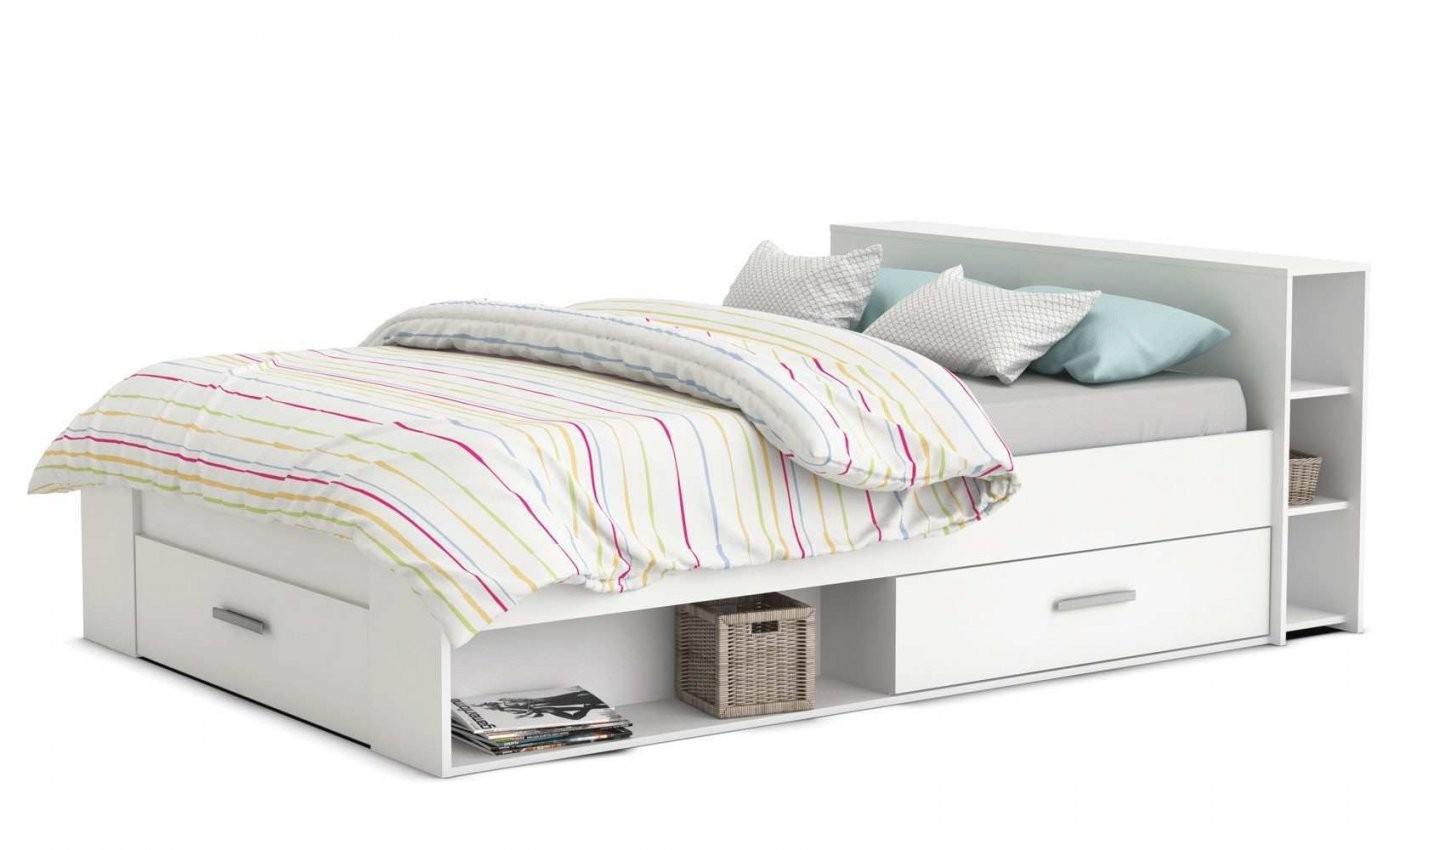 Roller Betten 90×200 Option Für Ihre Futon Matratze Schweiz 120×200 von Matratze 120X200 Roller Photo